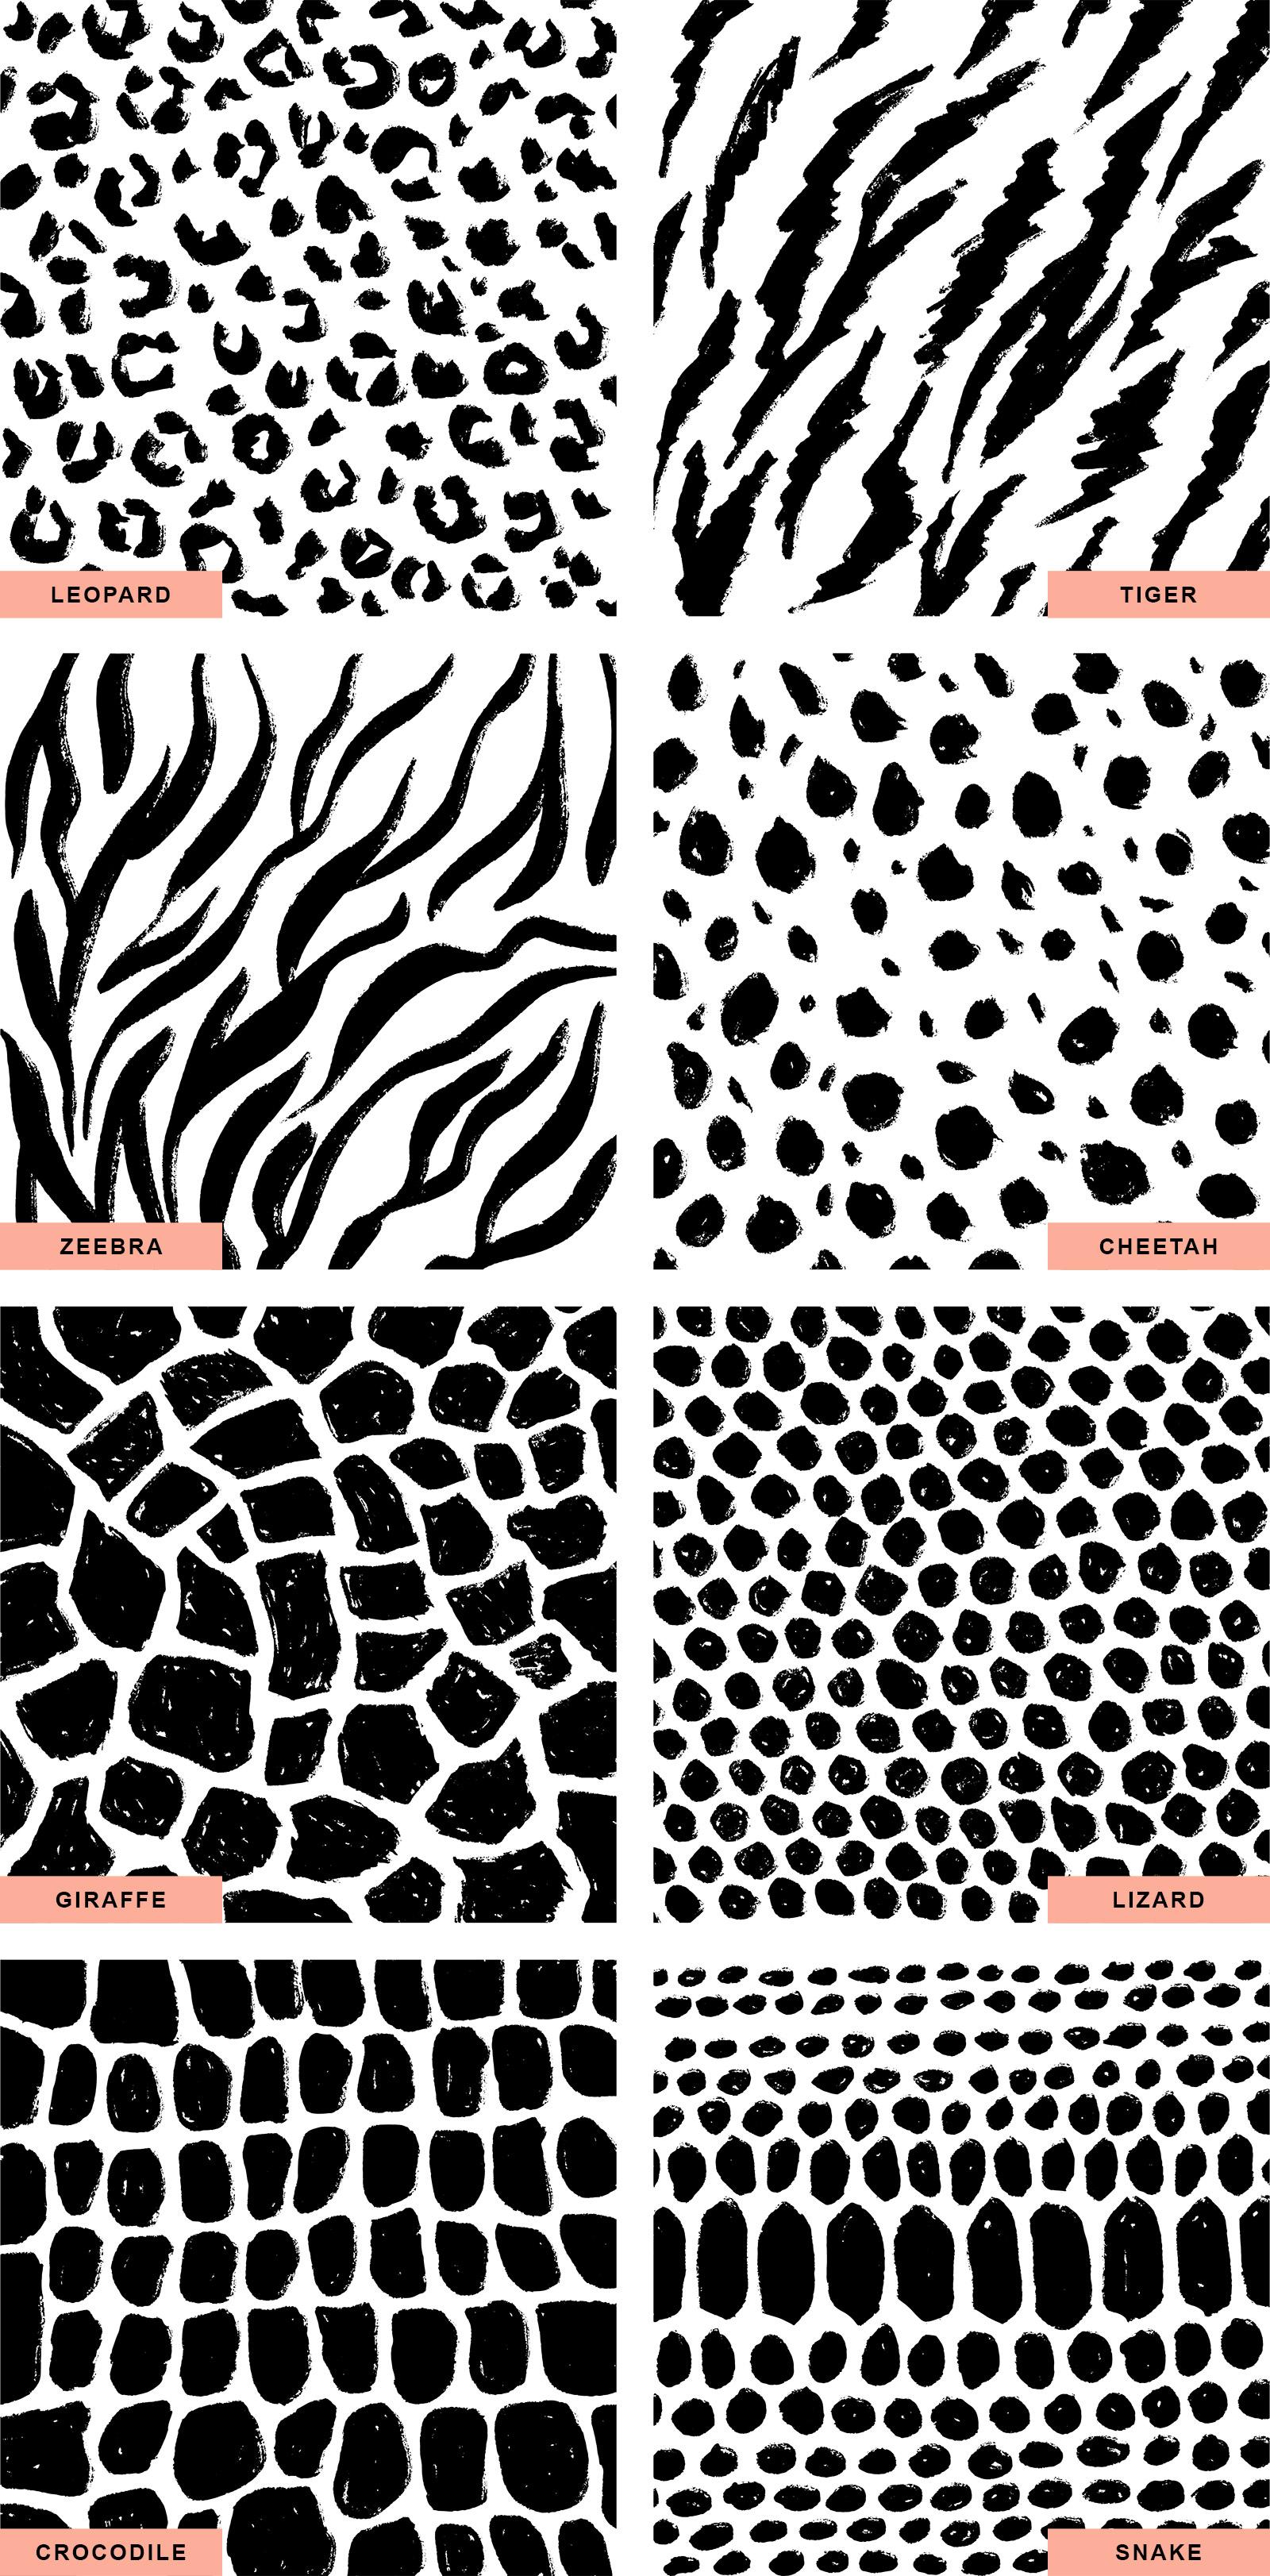 Animal Skin Print Patterns